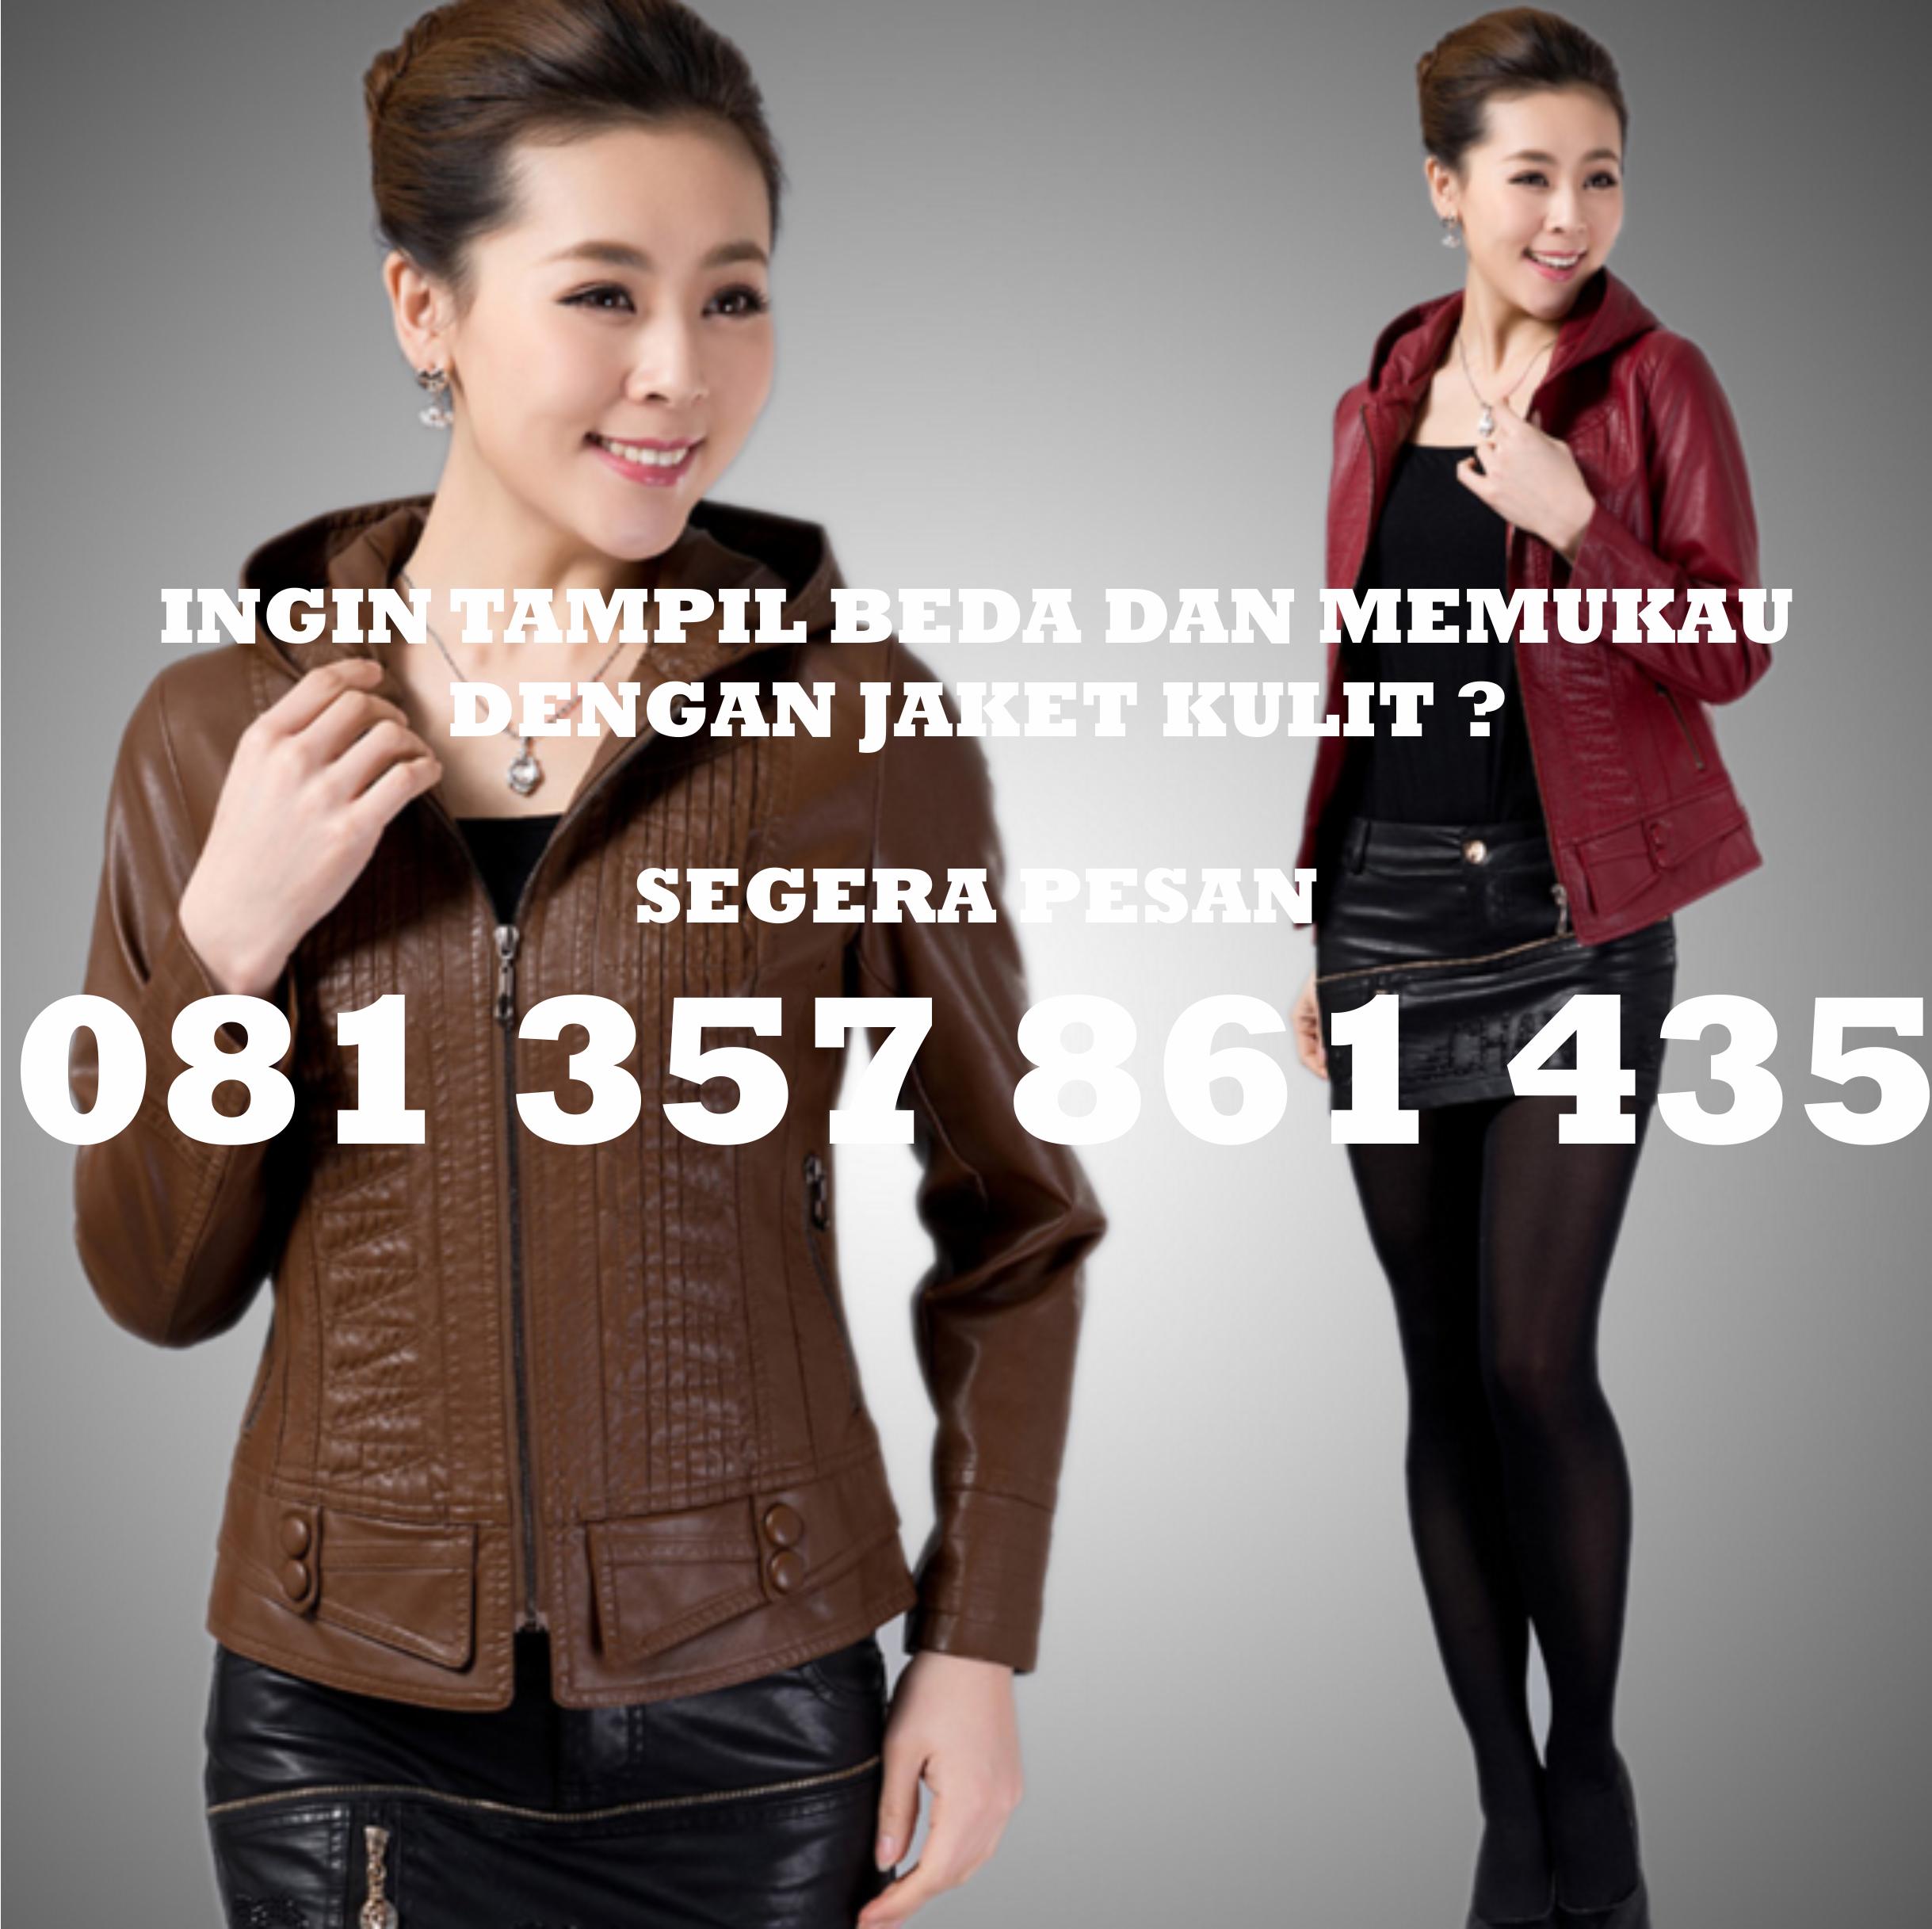 jaket kulit wanita model jaket kulit wanita jaket kulit wanita murah jual jaket